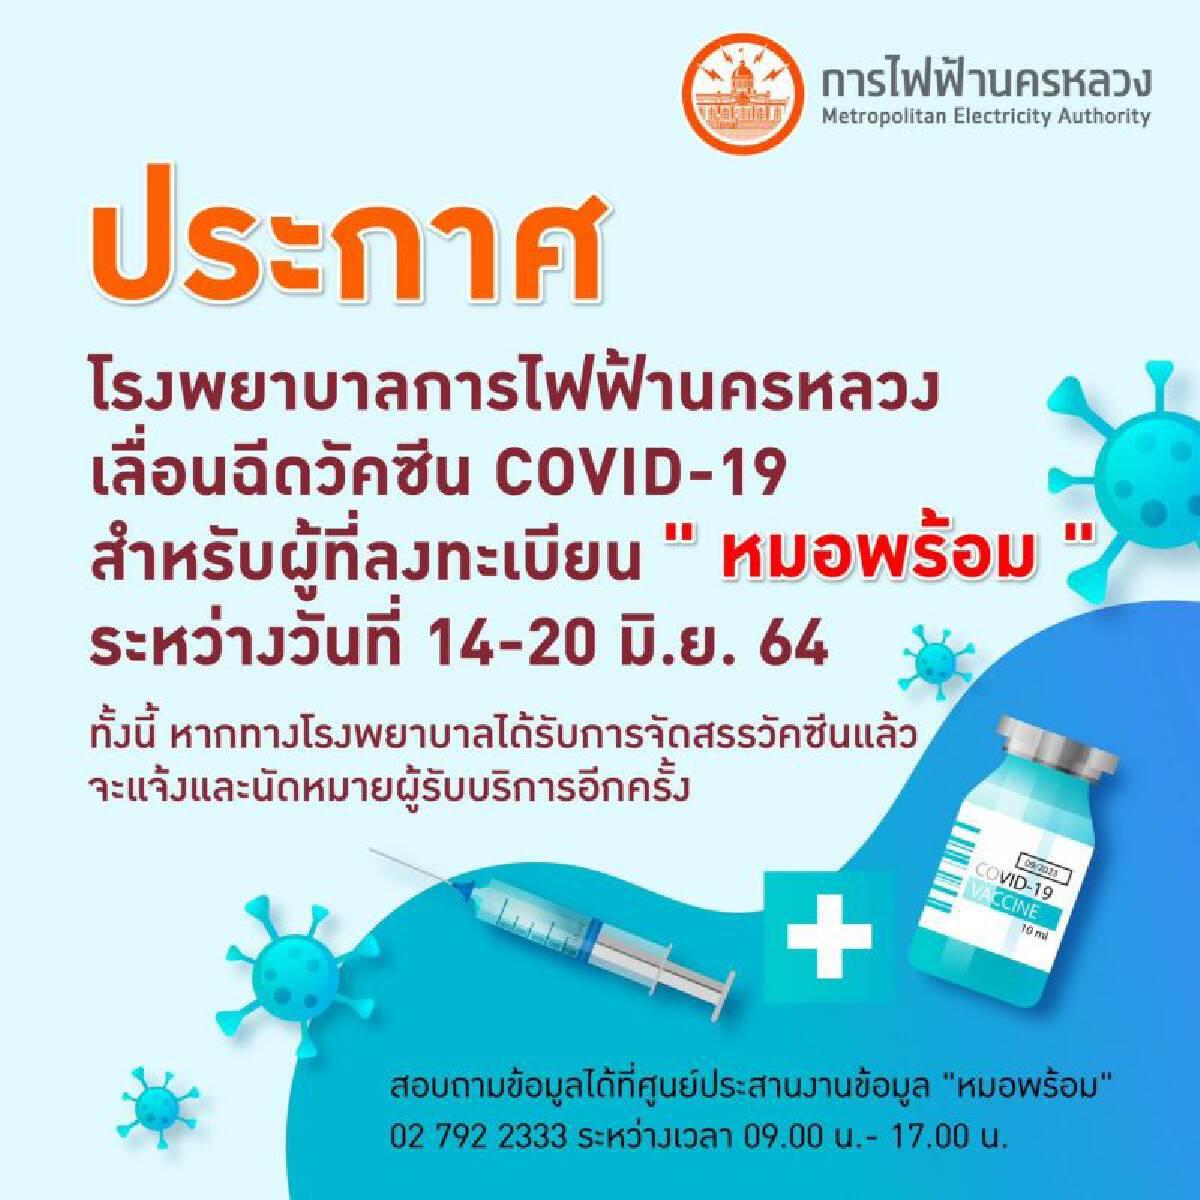 ร.พ.การไฟฟ้านครหลวงแจ้งเลื่อนฉีดวัคซีน